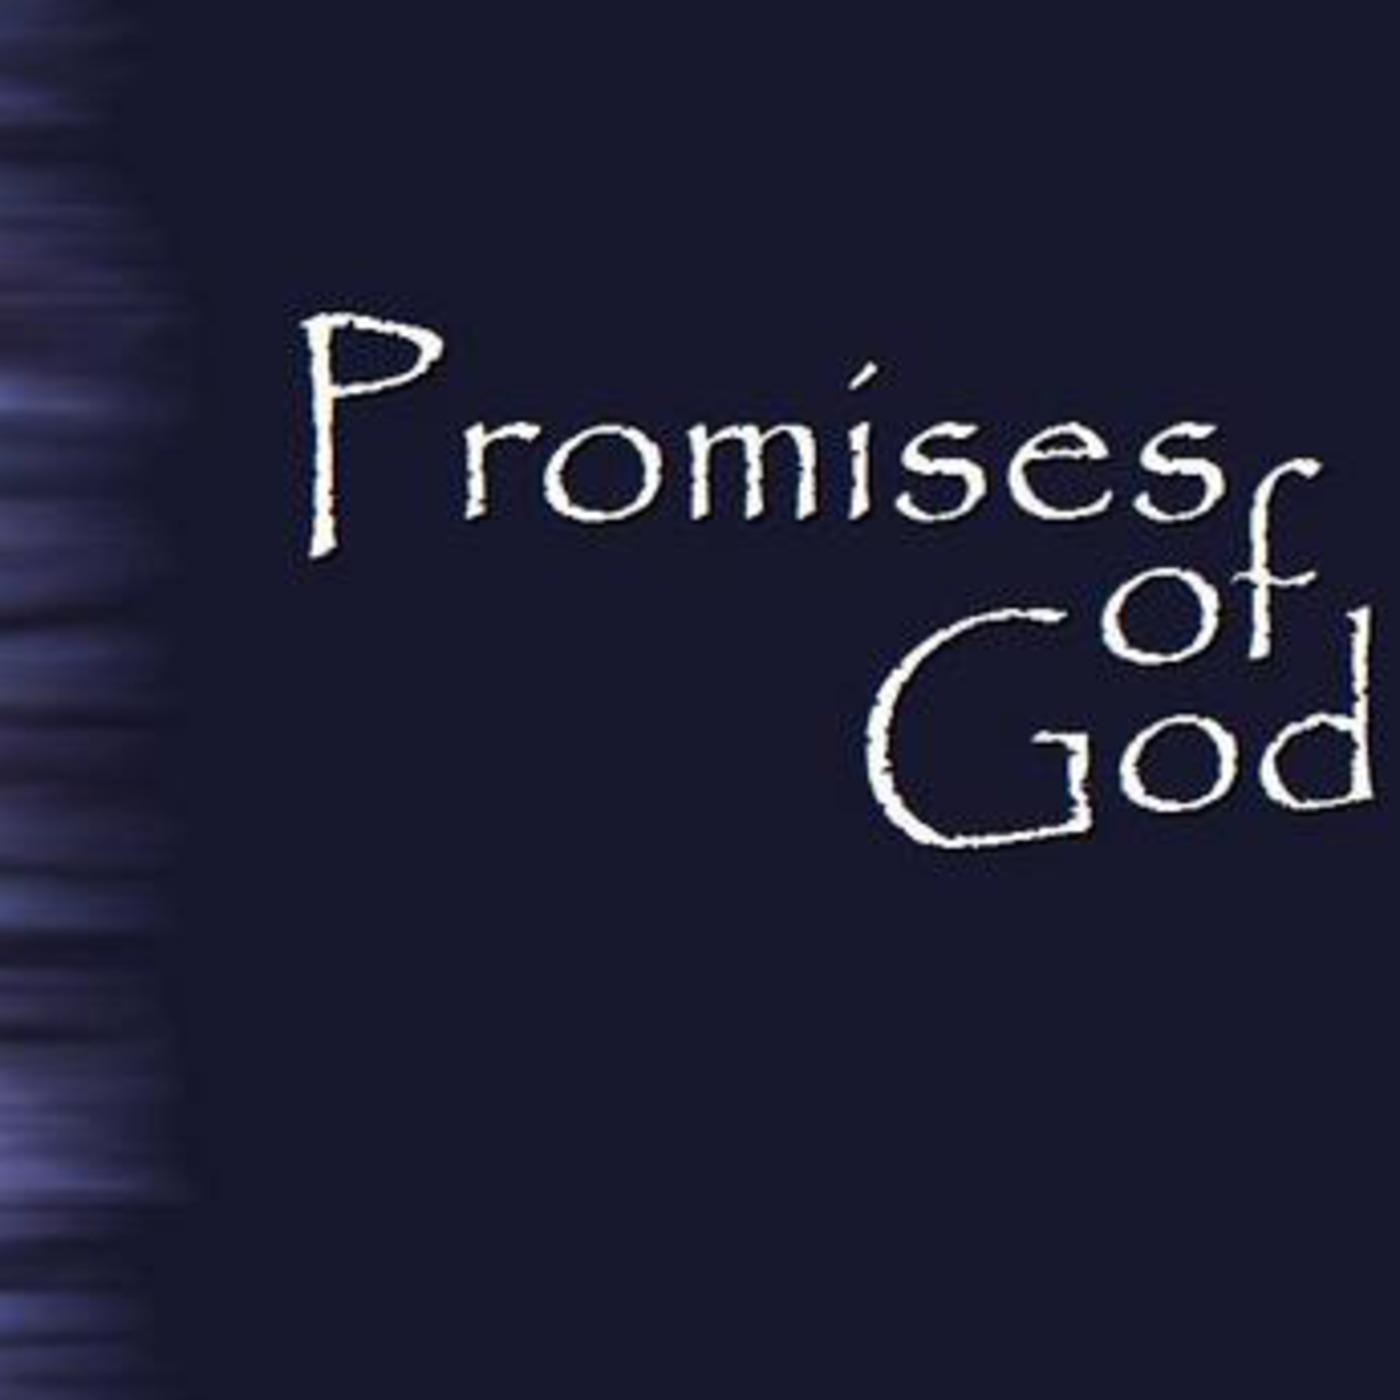 Promises of God - Forgiveness